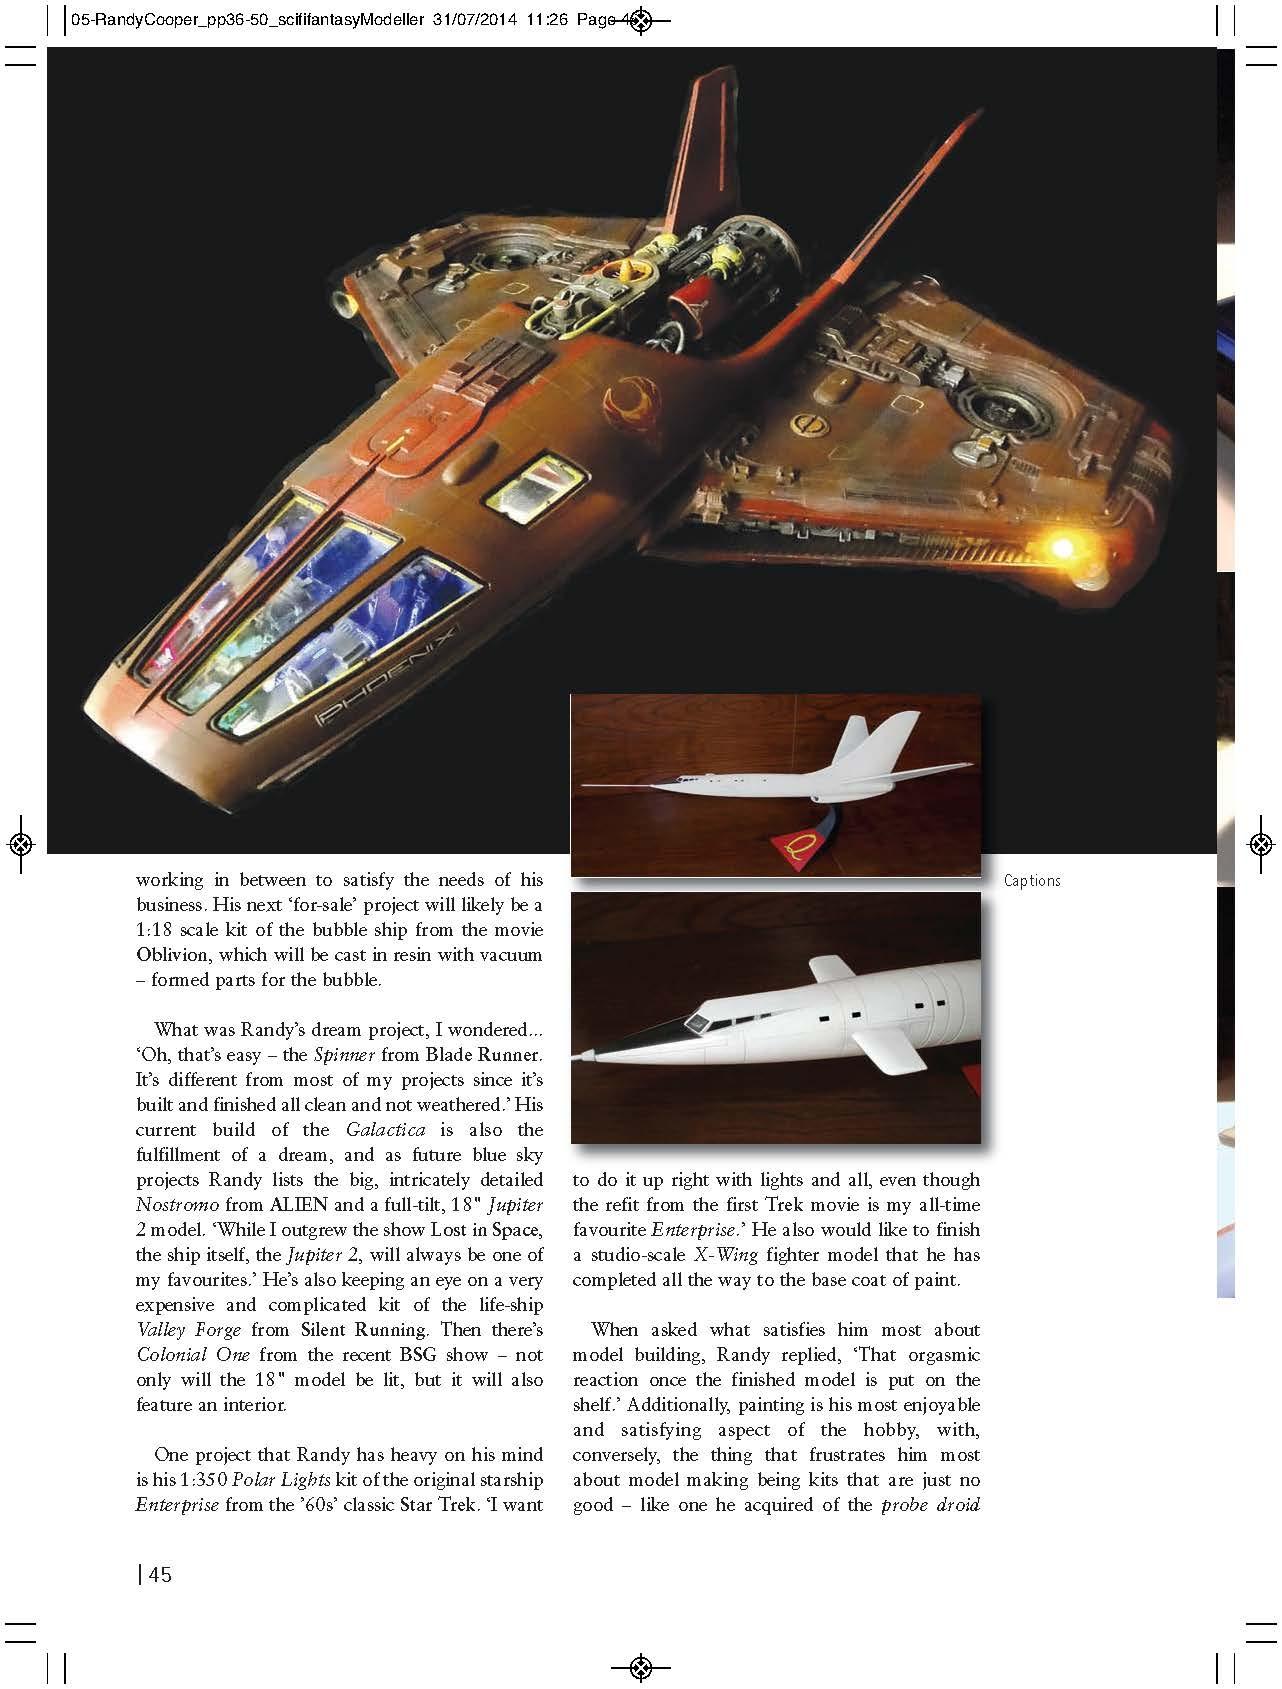 scififantasyModeller 1_Page_10.jpg